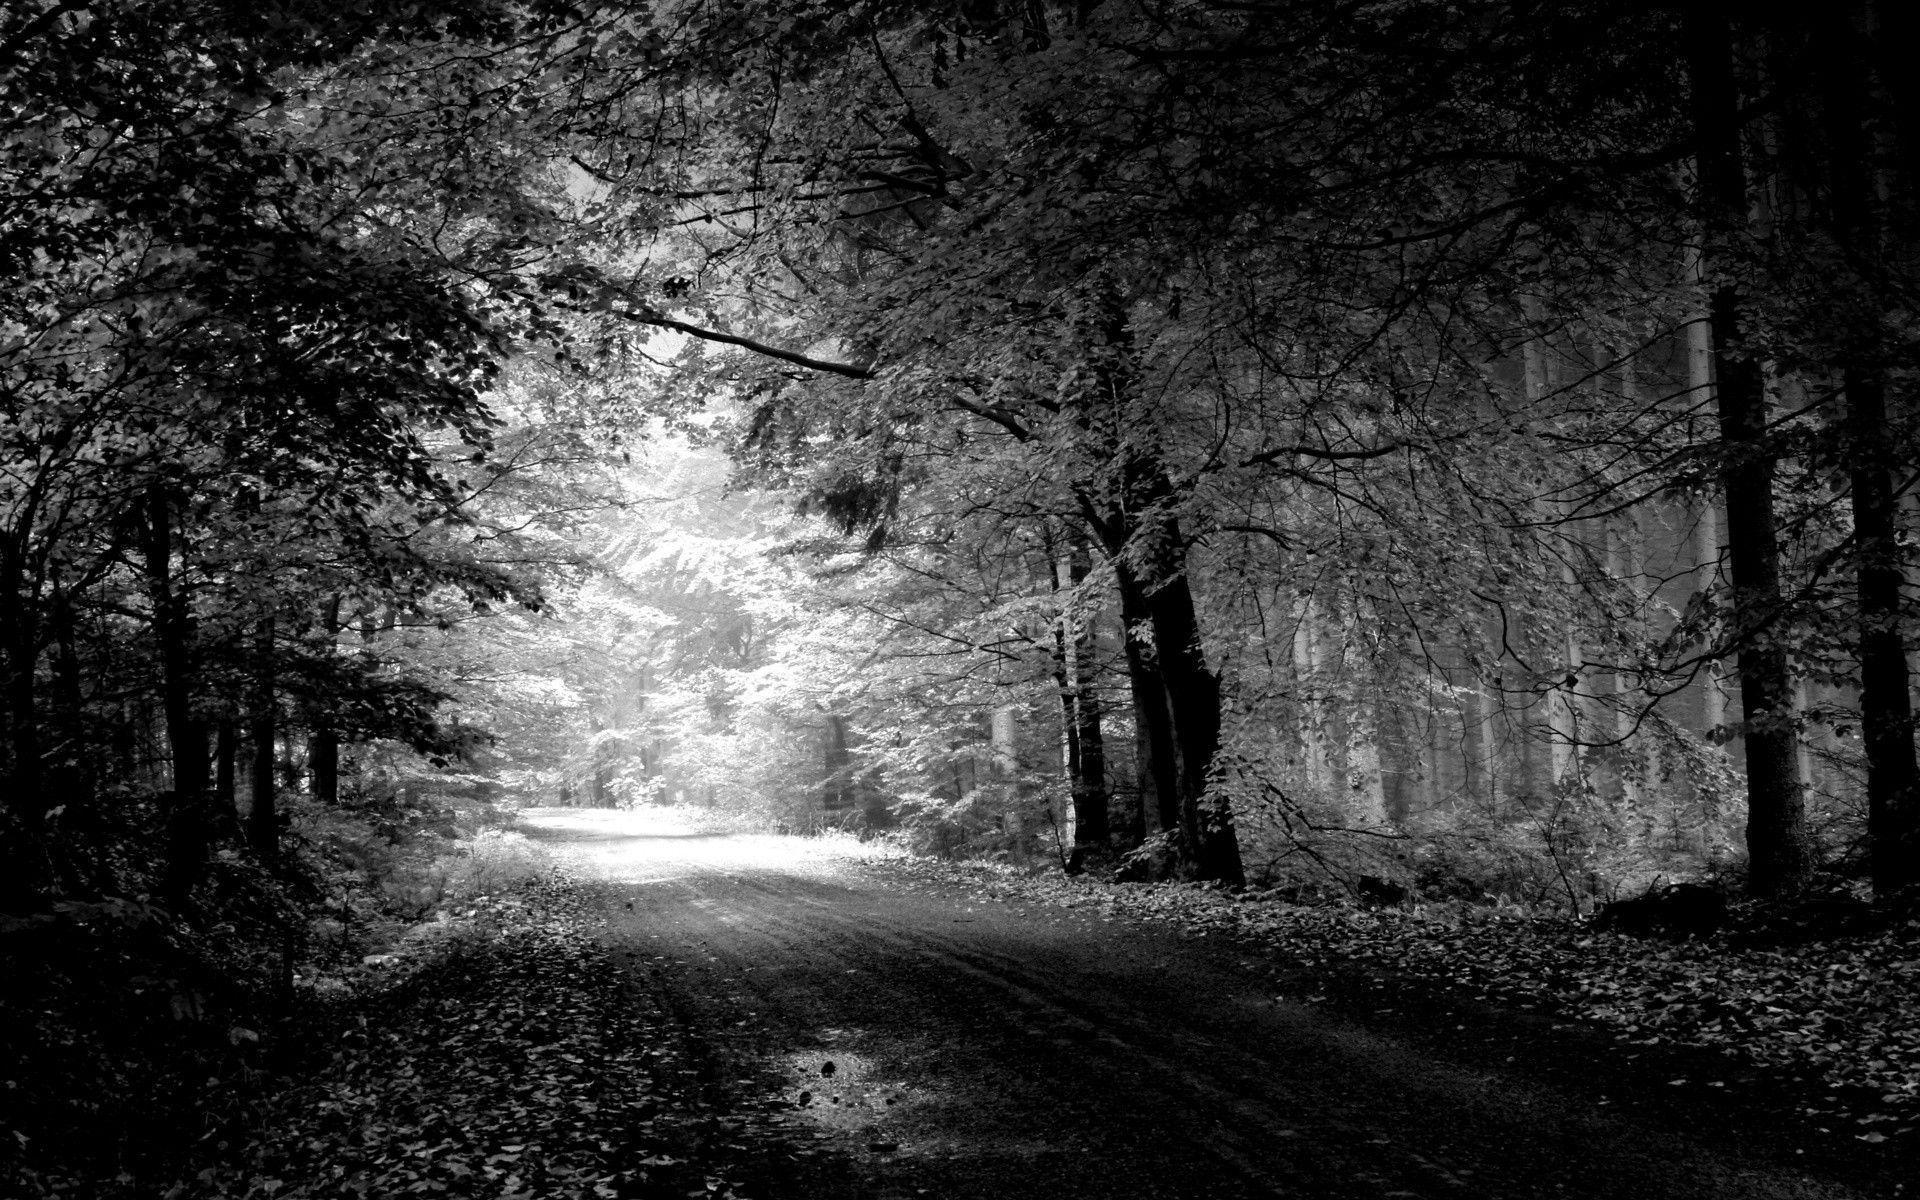 Download Best Black And White Streat Nature Wallpaper Pictures Fundo Preto E Branco Preto E Branco Imagens De Outono